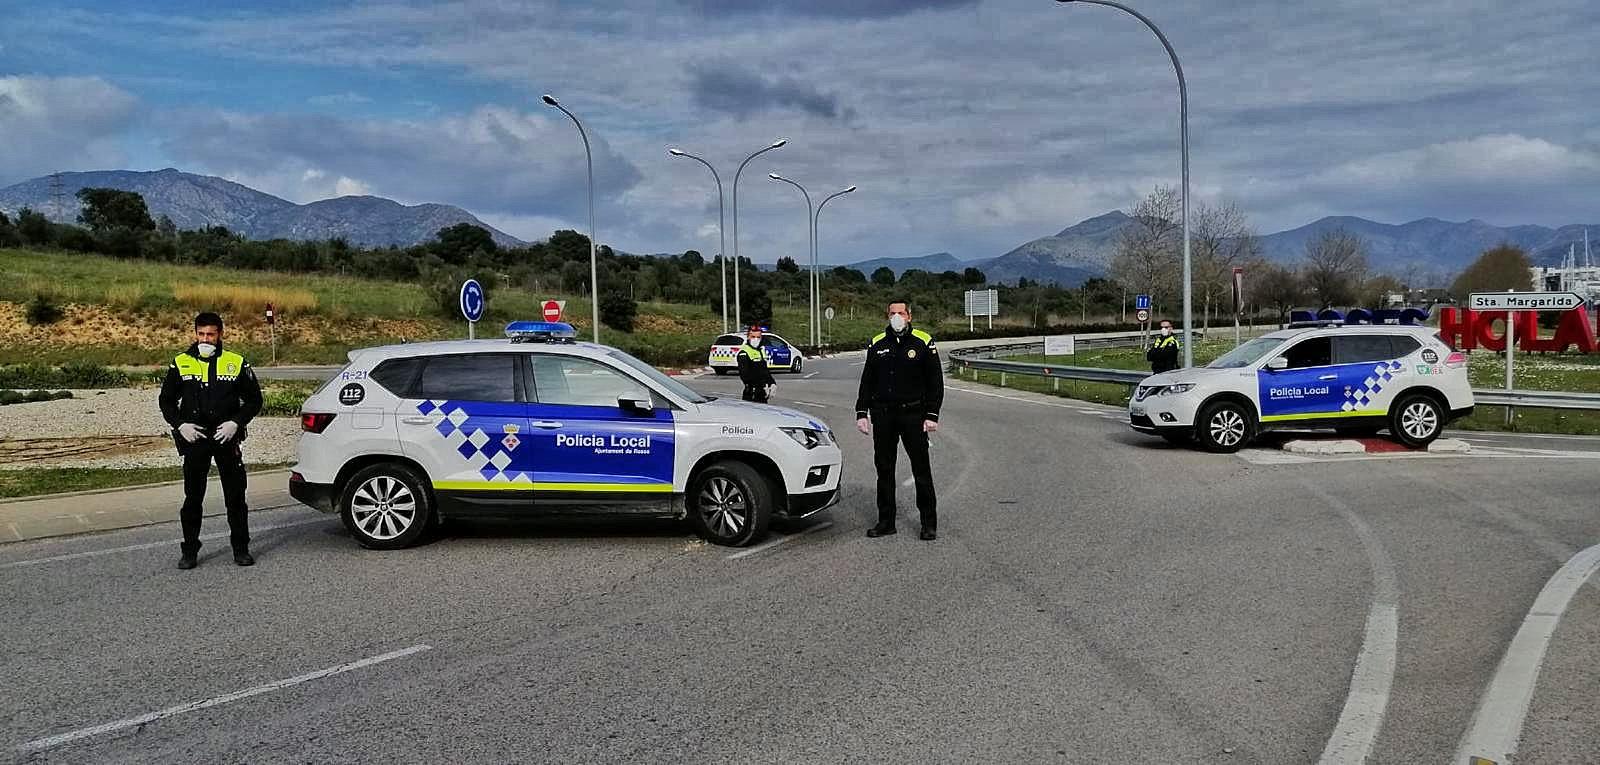 La Policia Local de Roses treballa per evitar desplaçaments a segones residències